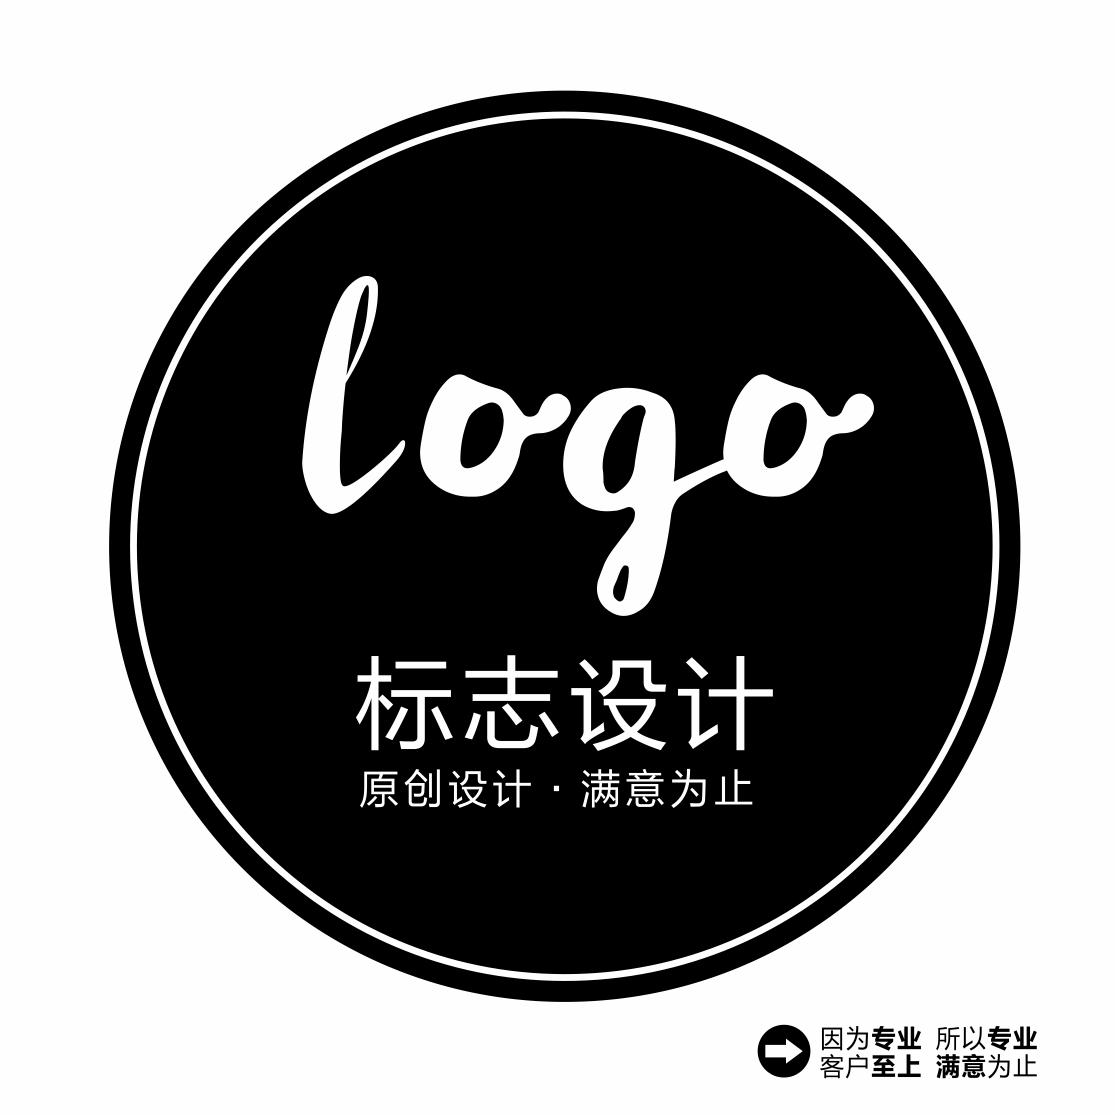 logo�O�定制原��企�I公司�酥酒放粕�丝ㄍㄗ煮wvi制作�M意�橹�